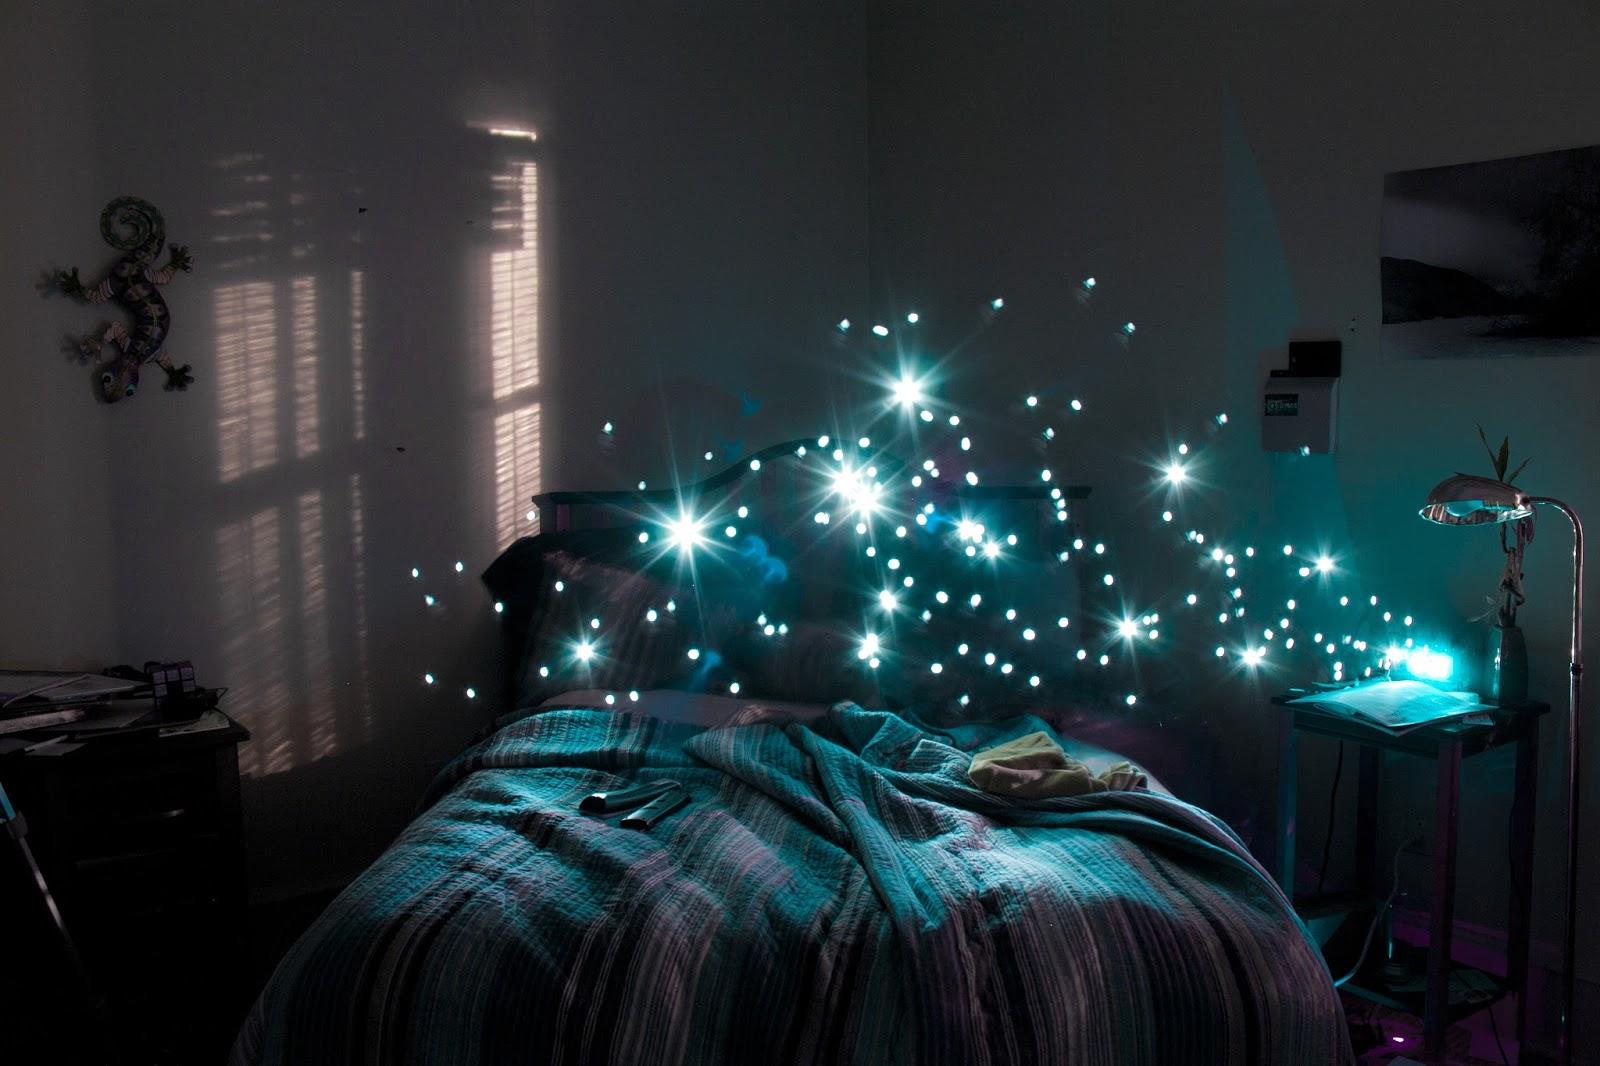 dormir, sono, dia mundial do sono